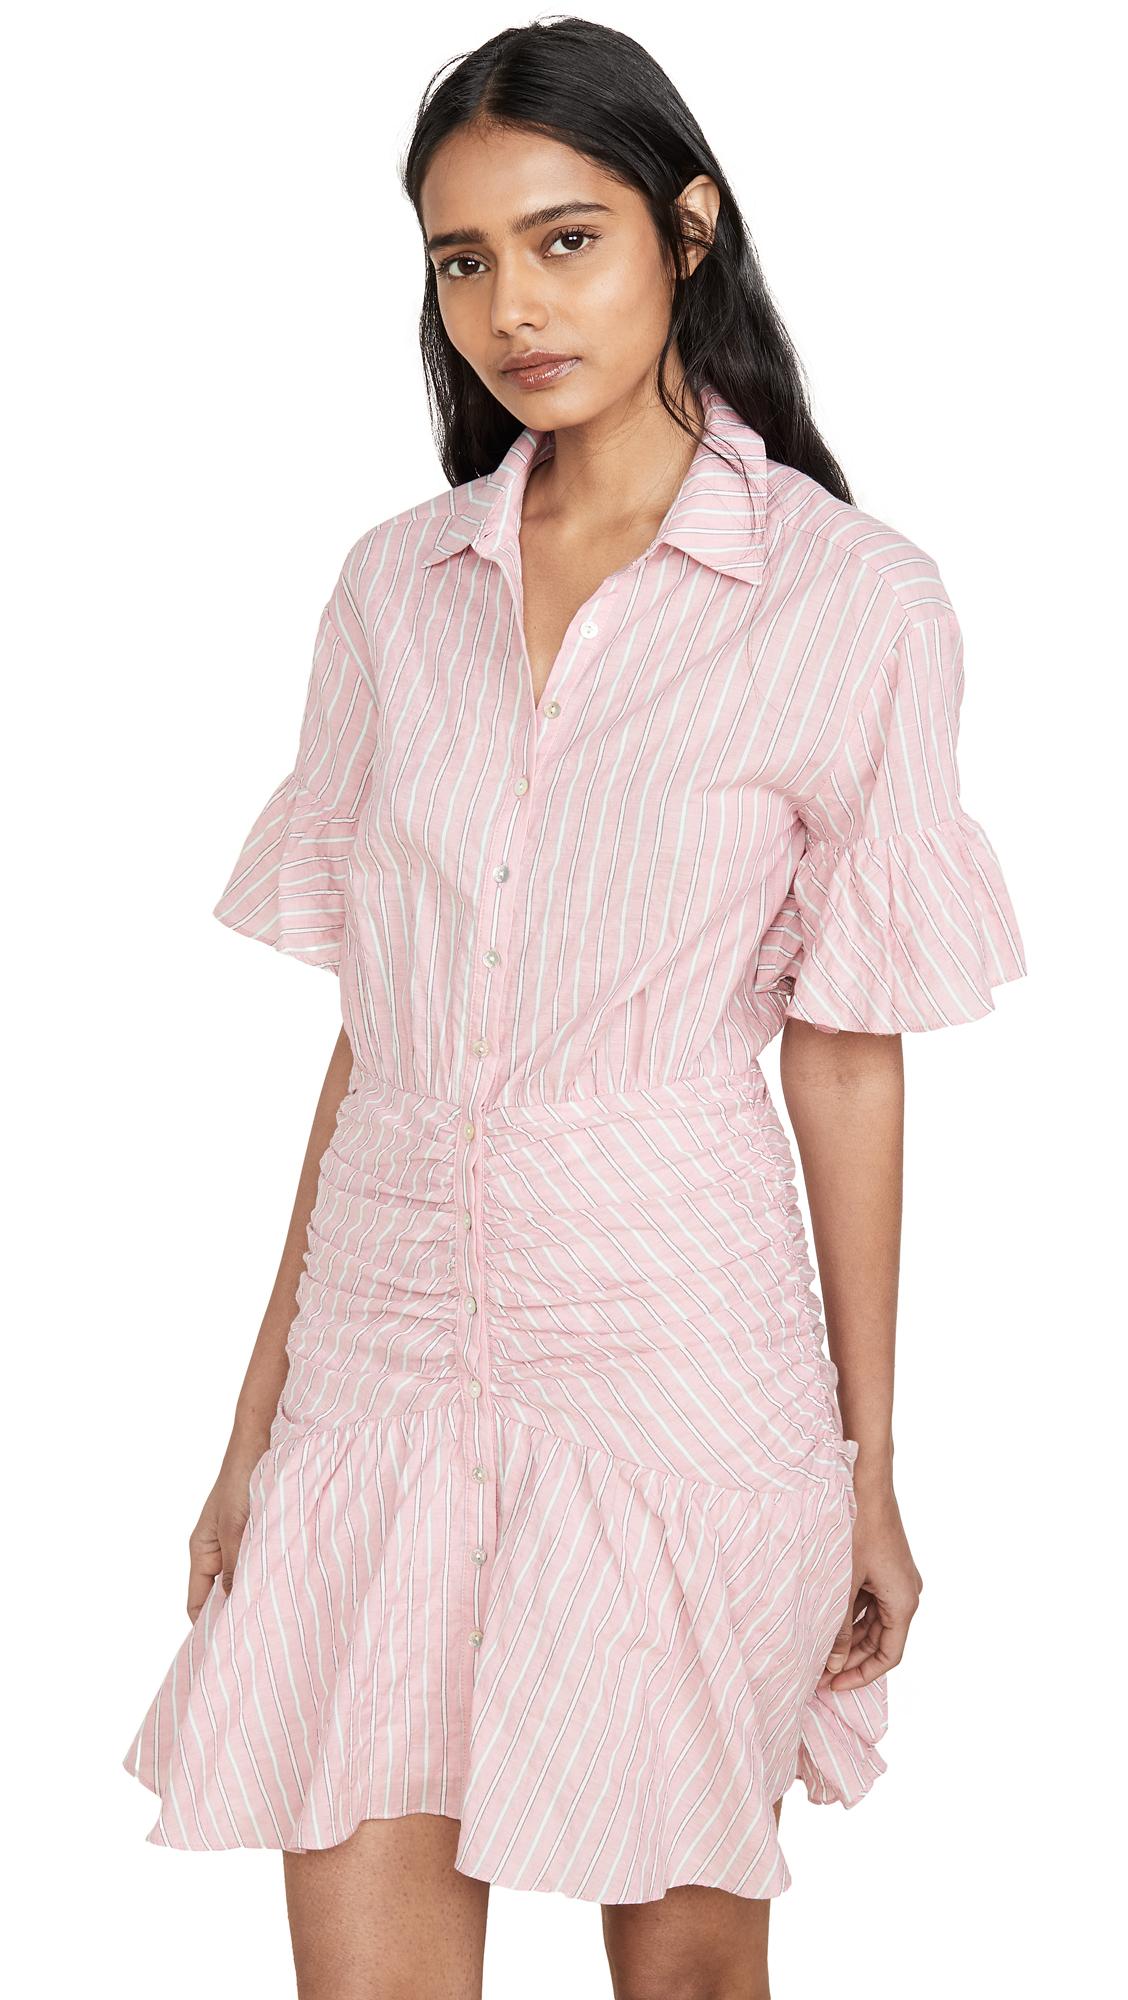 Cinq a Sept Tous Les Jours Stripe Asher Dress - 55% Off Sale